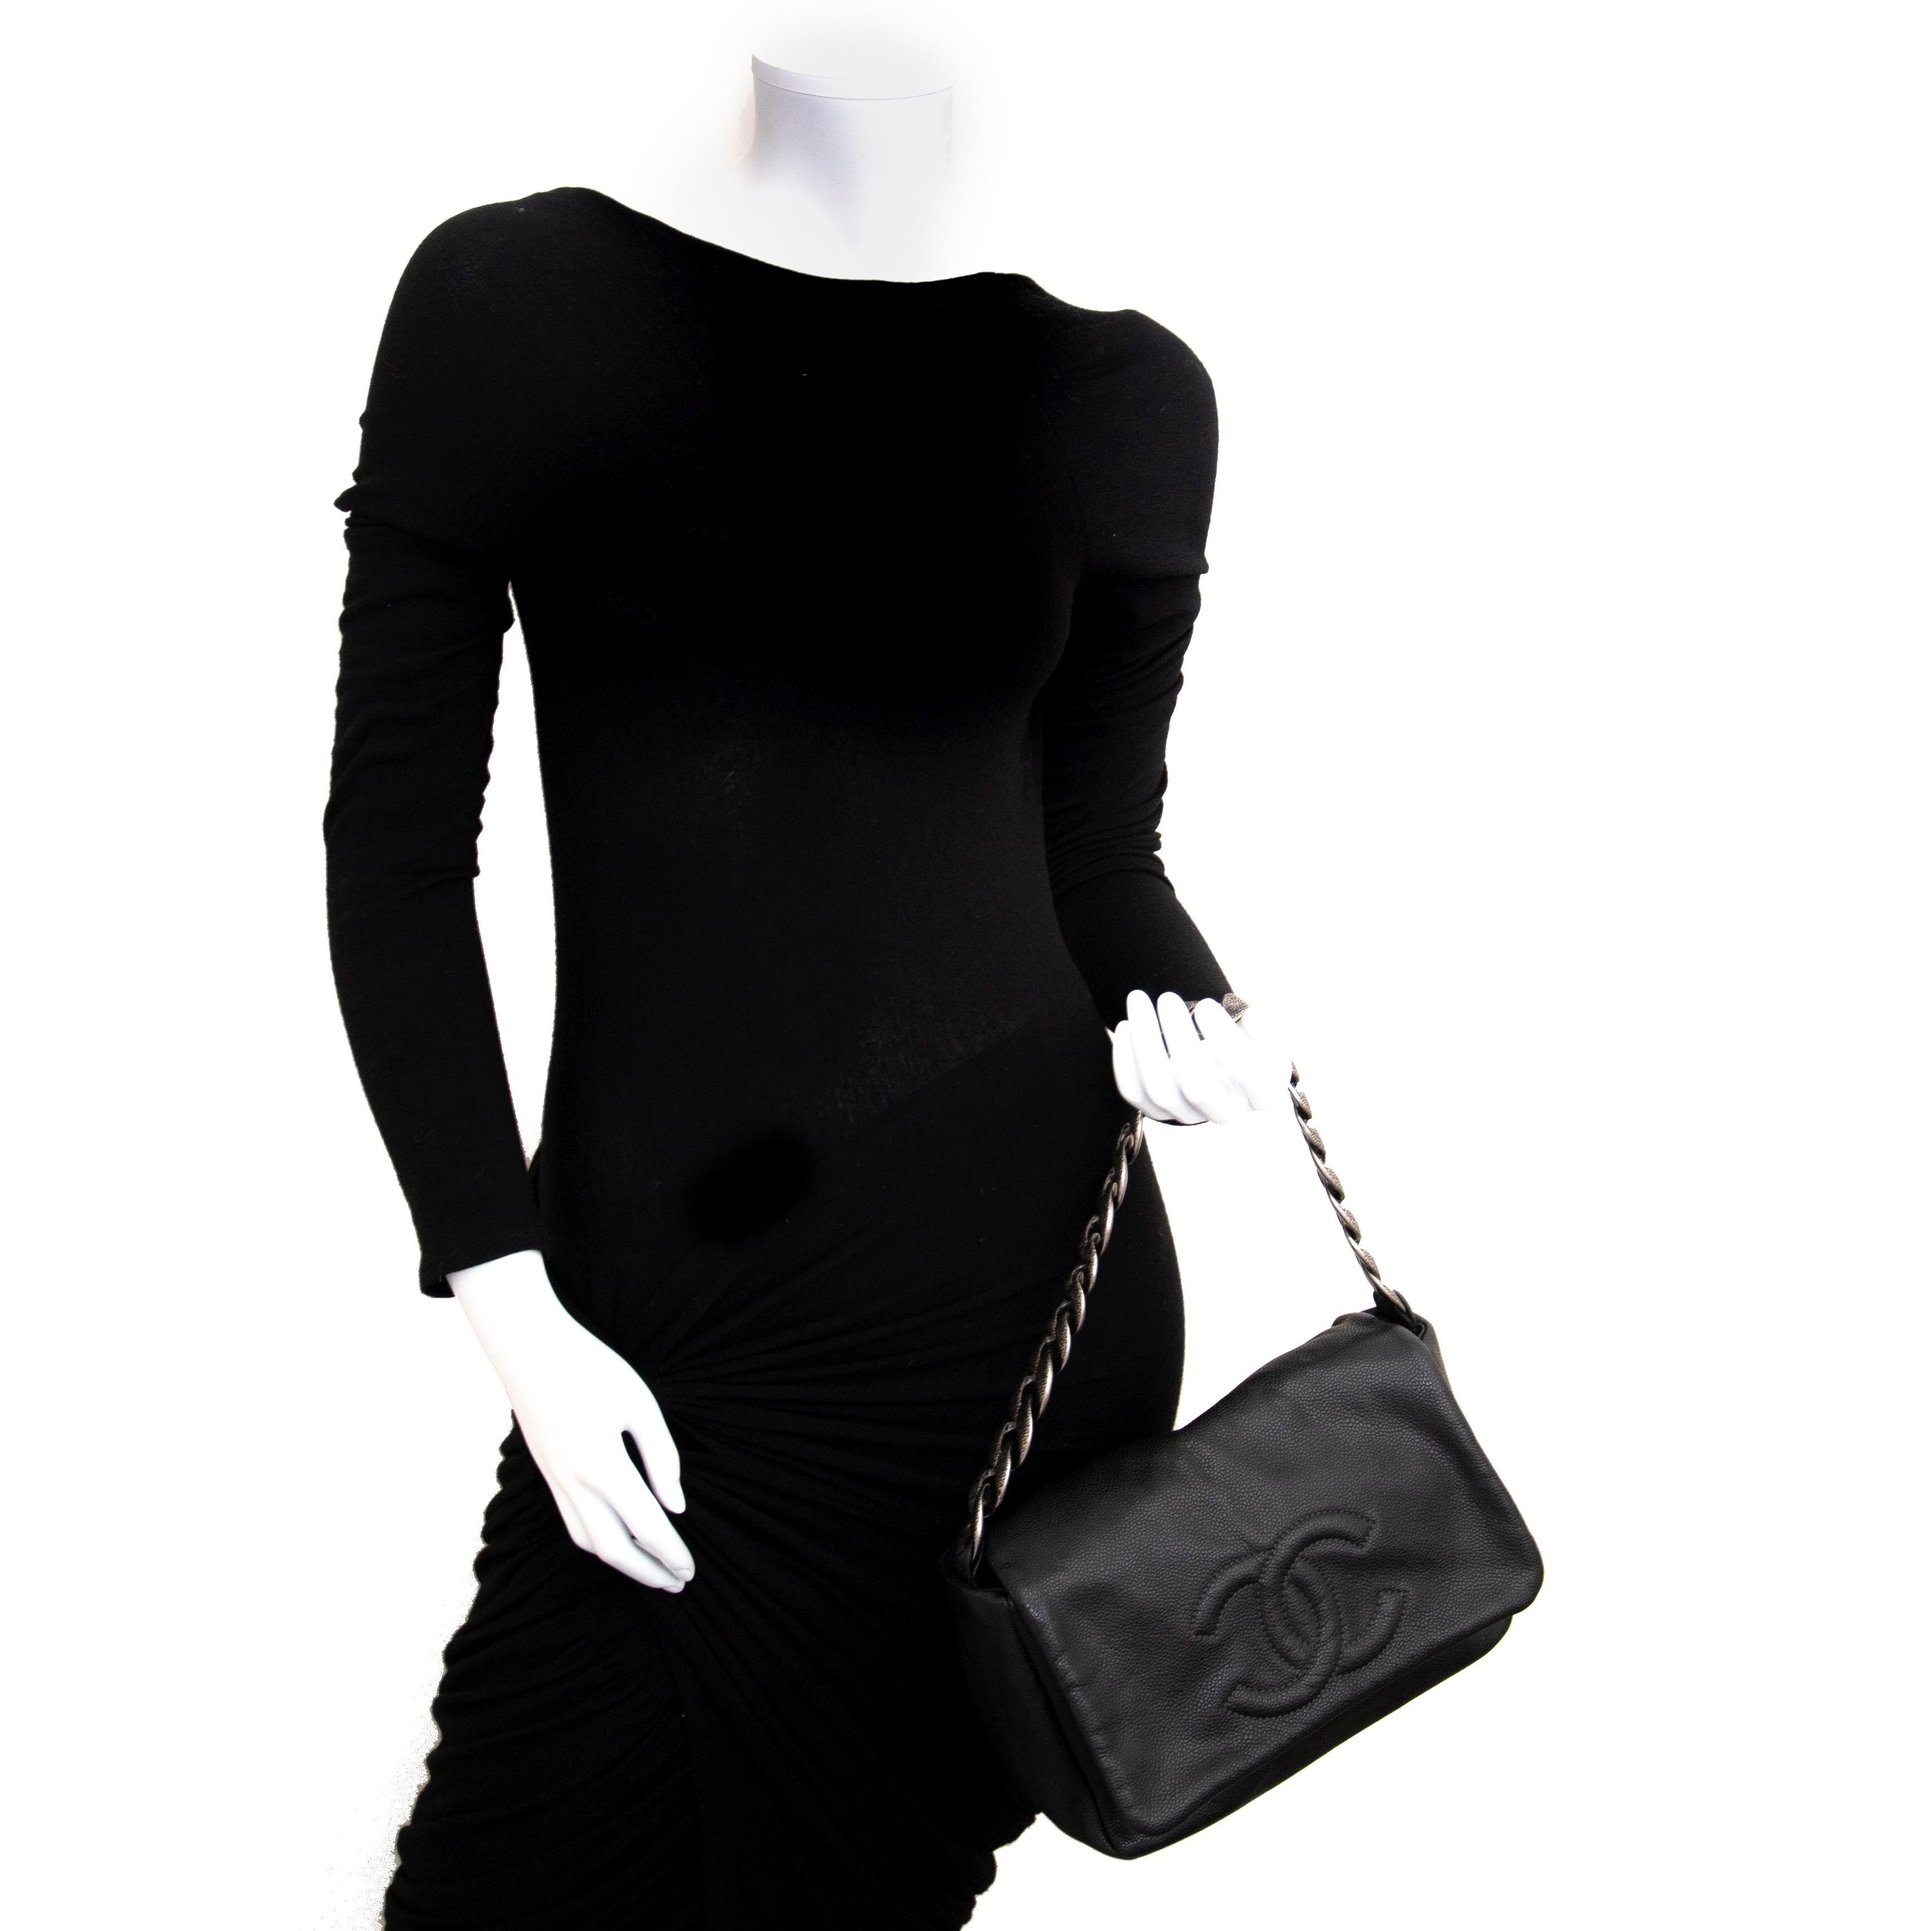 5502b319b98 Koop authentieke tweedehands Chanel tassen met de juiste prijs bij LabelLOV